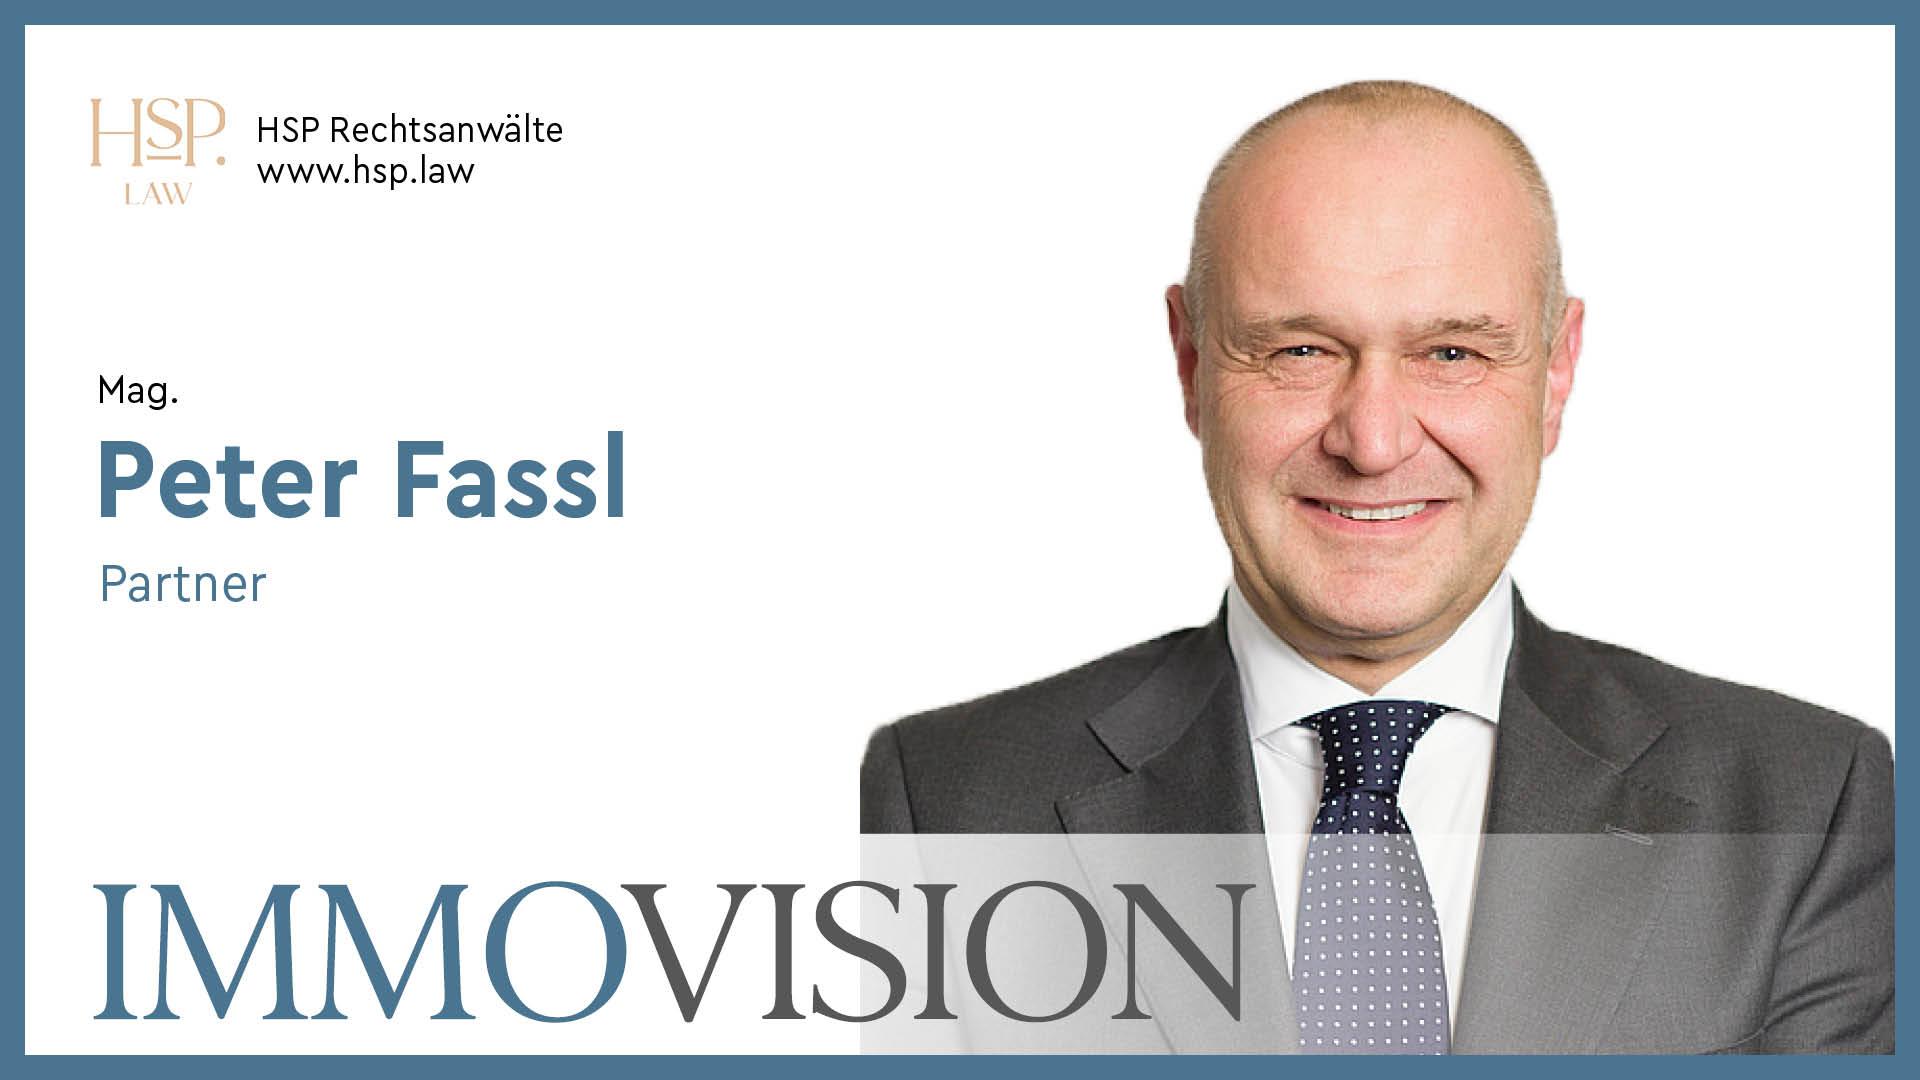 Peter Fassl